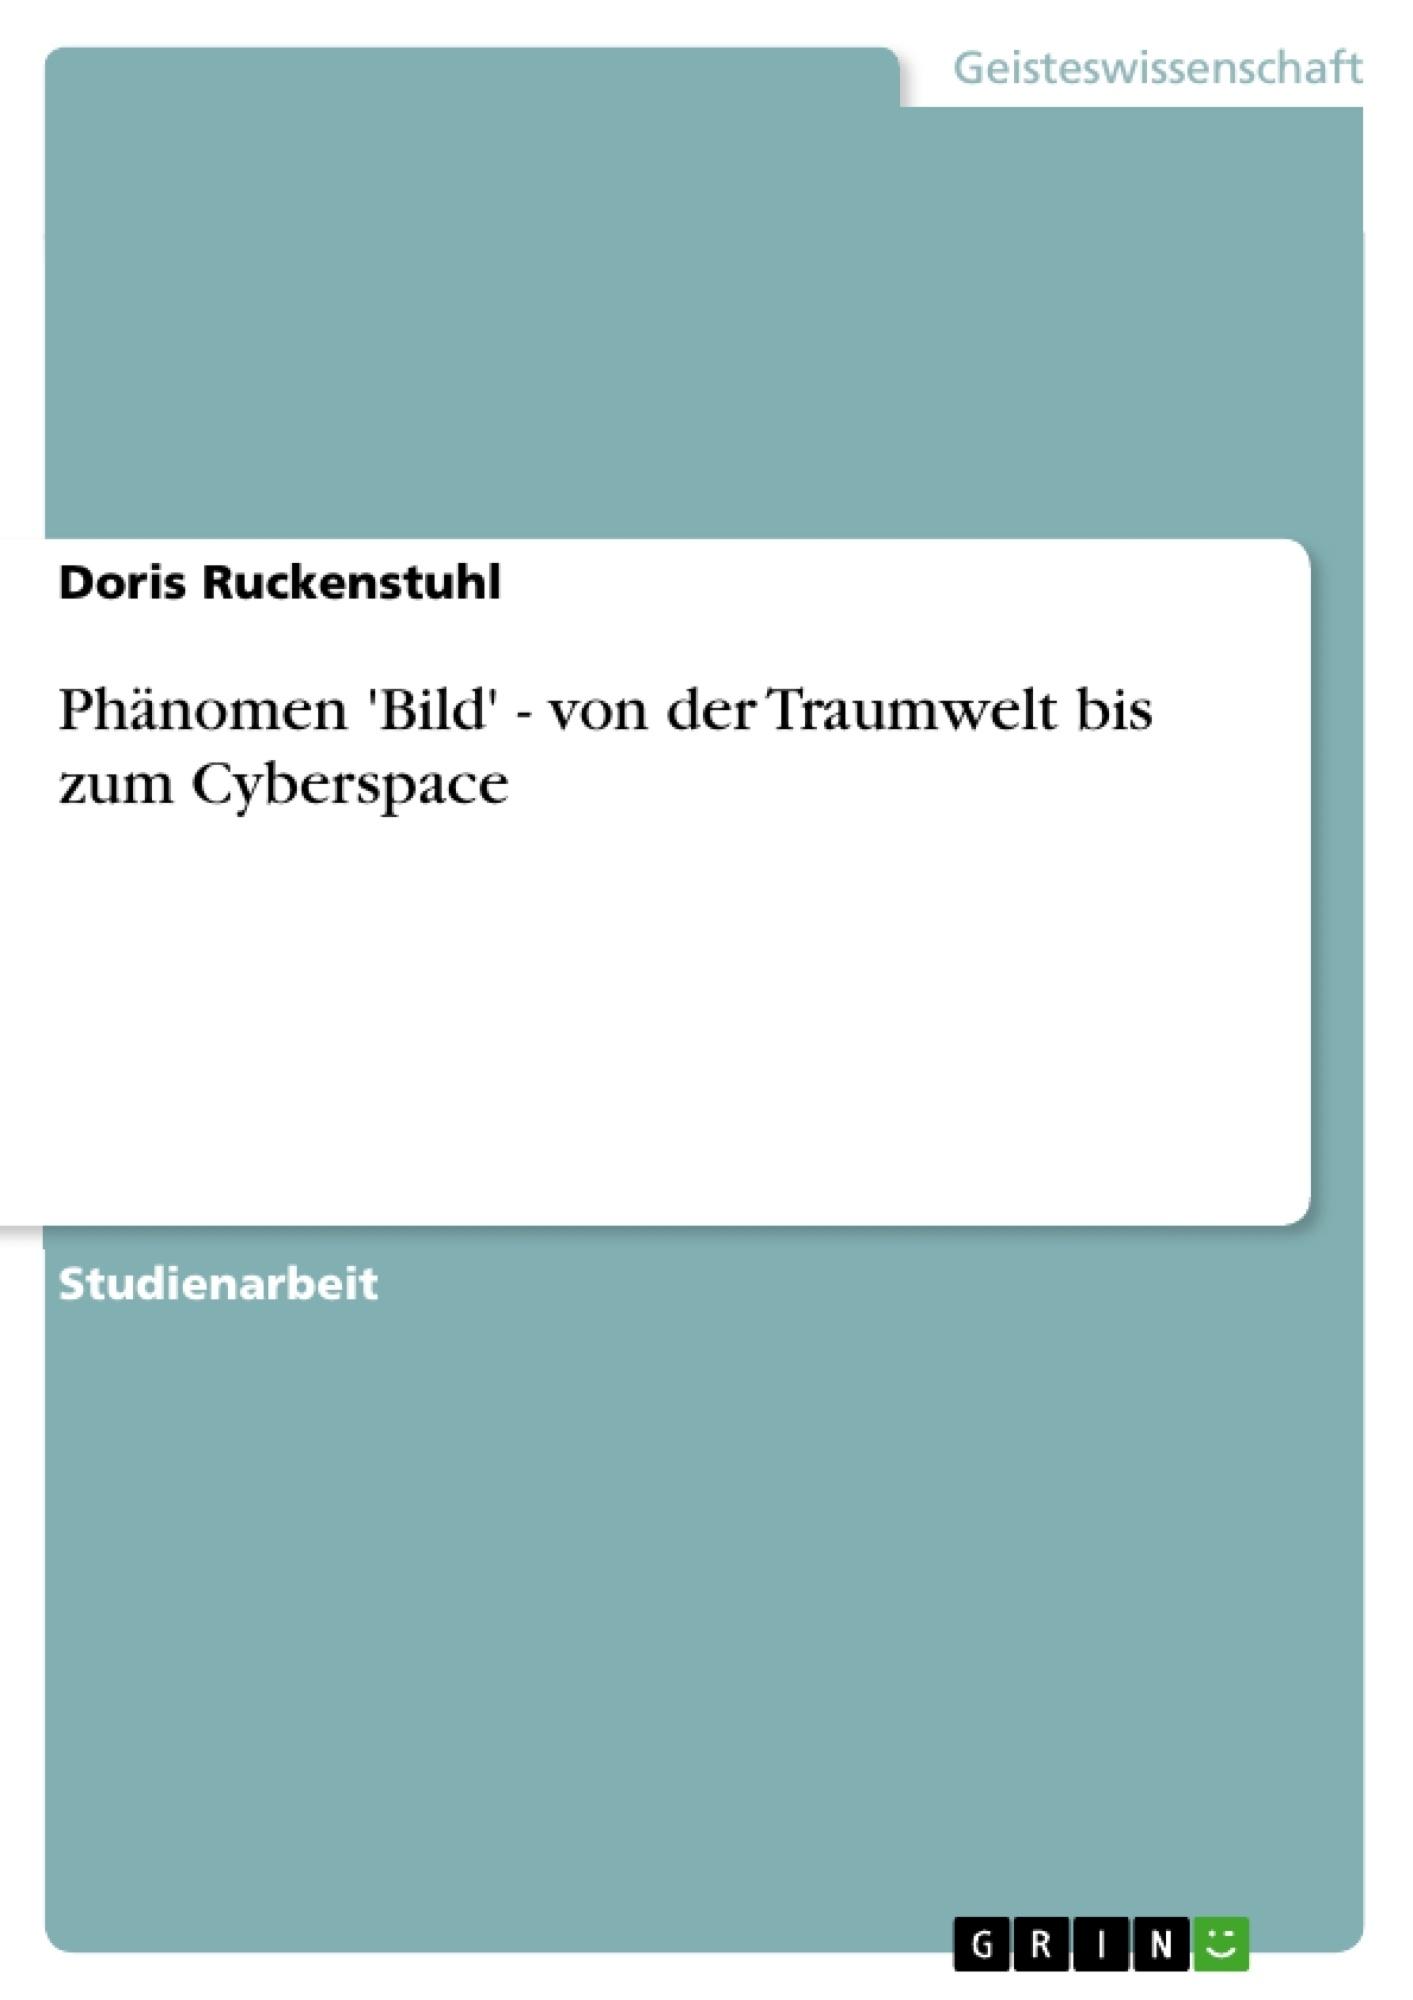 Titel: Phänomen 'Bild' - von der Traumwelt bis zum Cyberspace